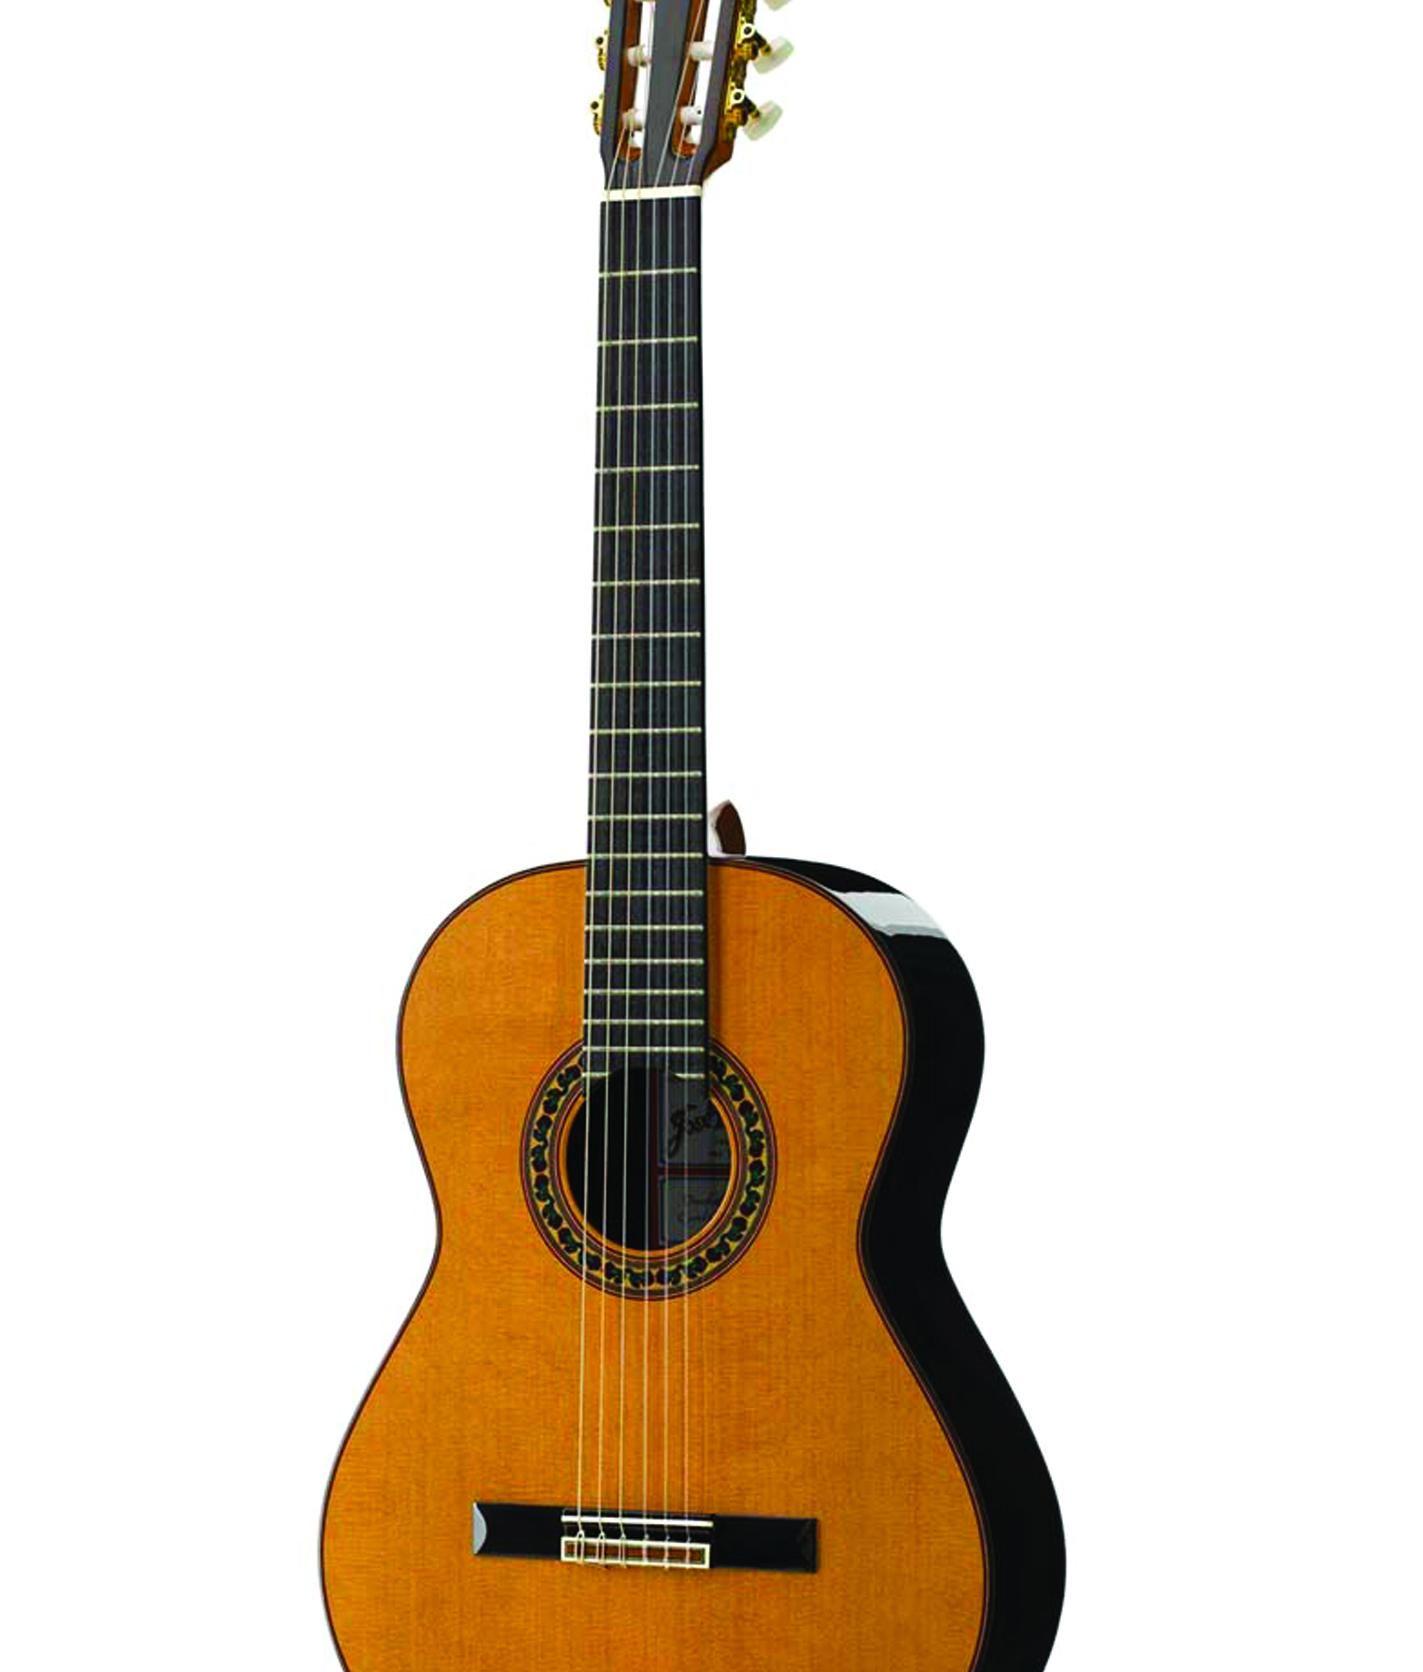 jose ramirez guitarras musica guitarras clasicas guitarras flamencas guitarras. Black Bedroom Furniture Sets. Home Design Ideas